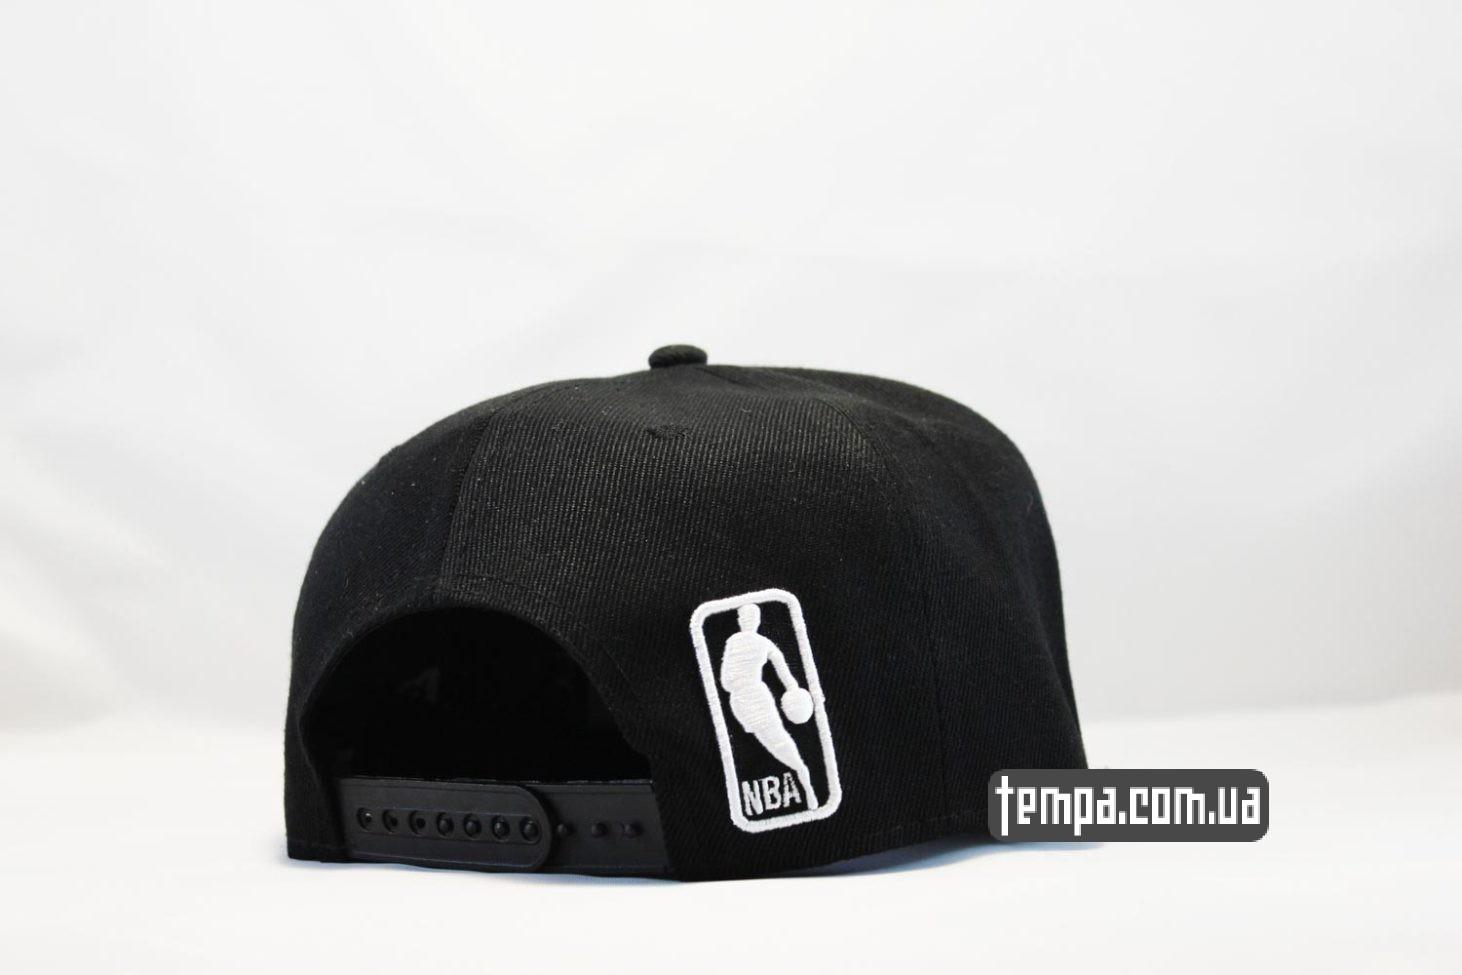 с баскетбольным мячем кепка snapback basket ball NBA NEW ERA баскетбольный маяч